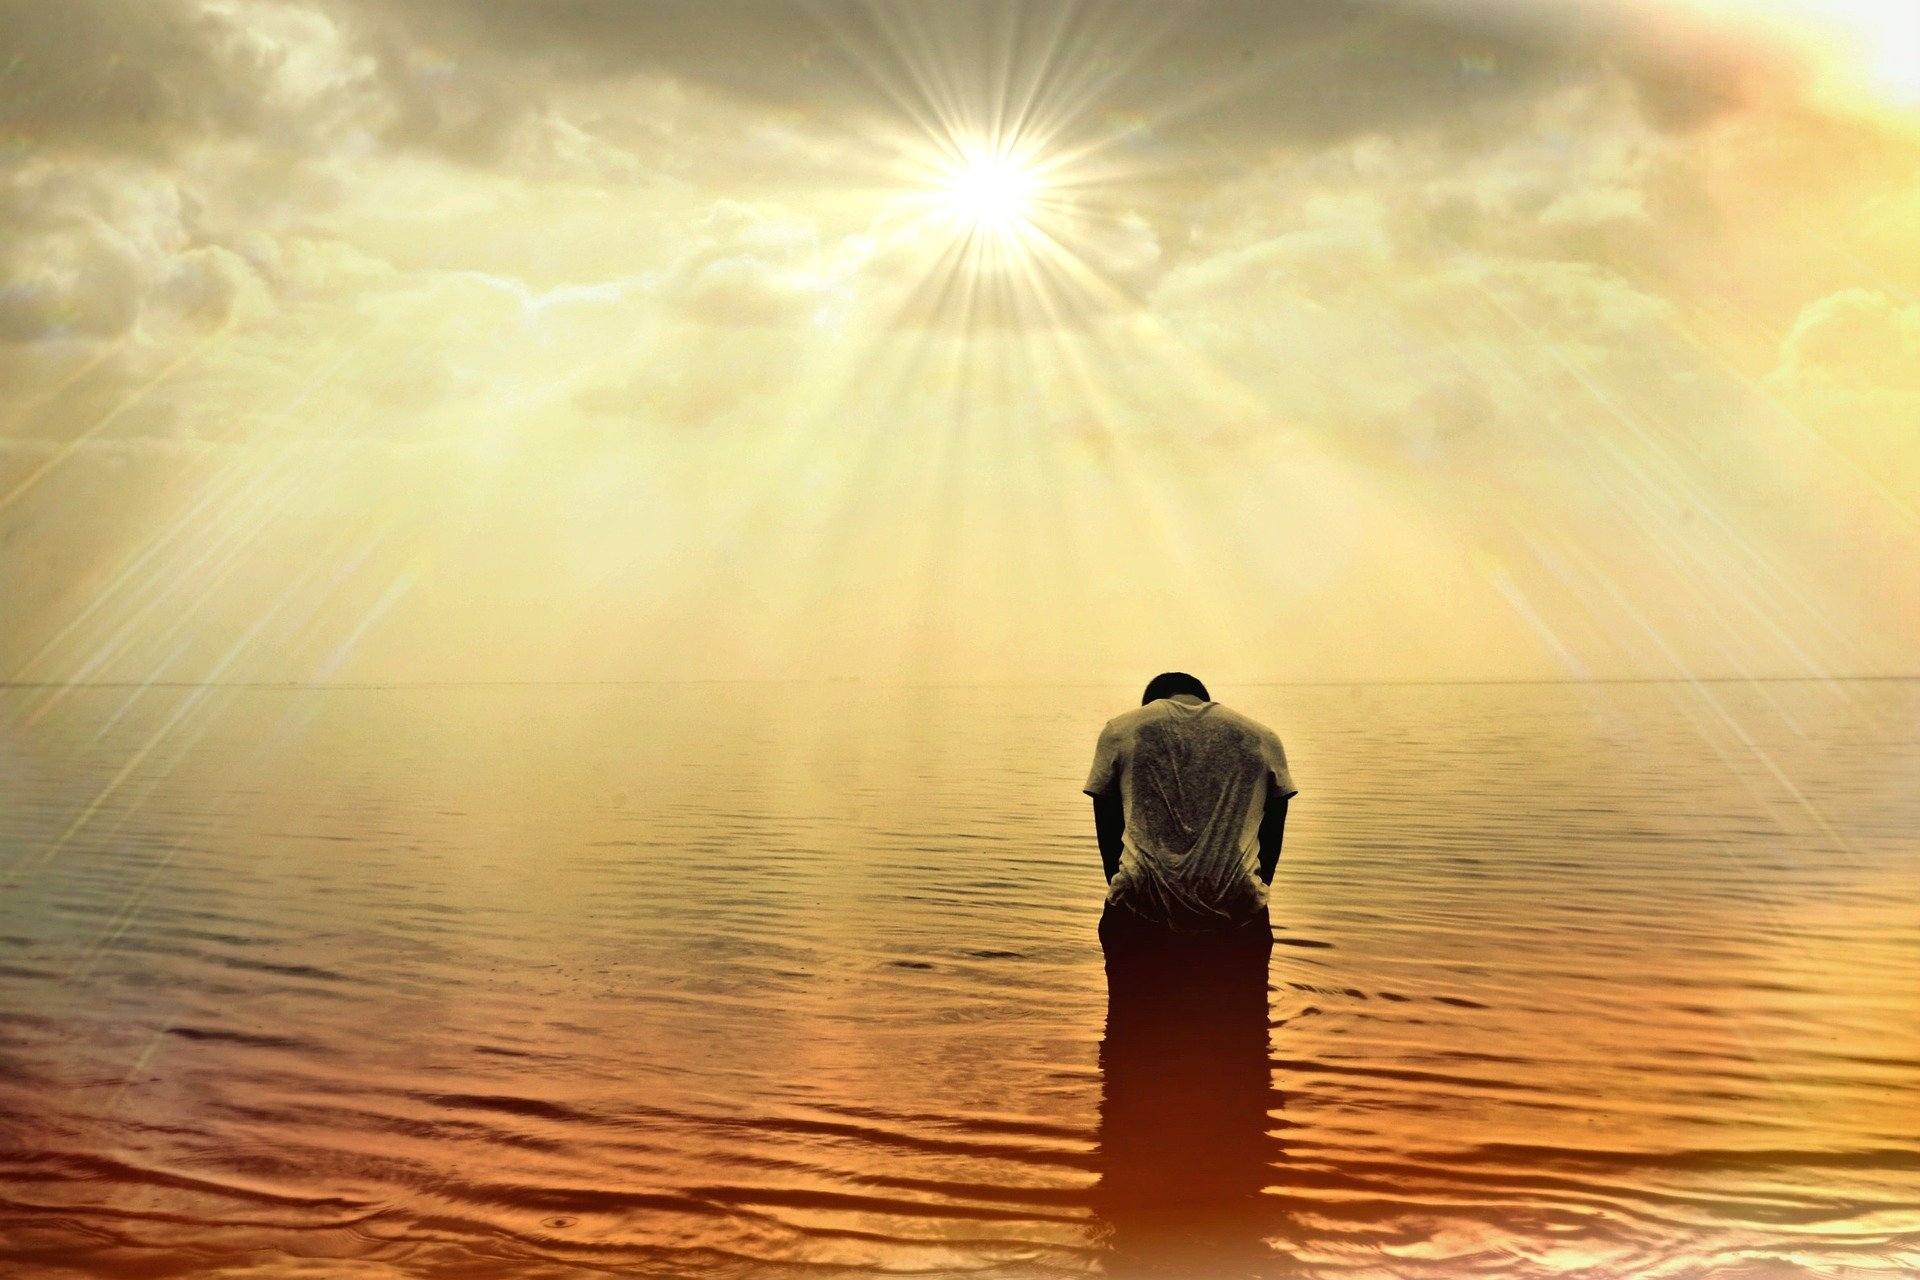 un uomo in piedi in mezzo al mare al tramonto ricurvo su se stesso